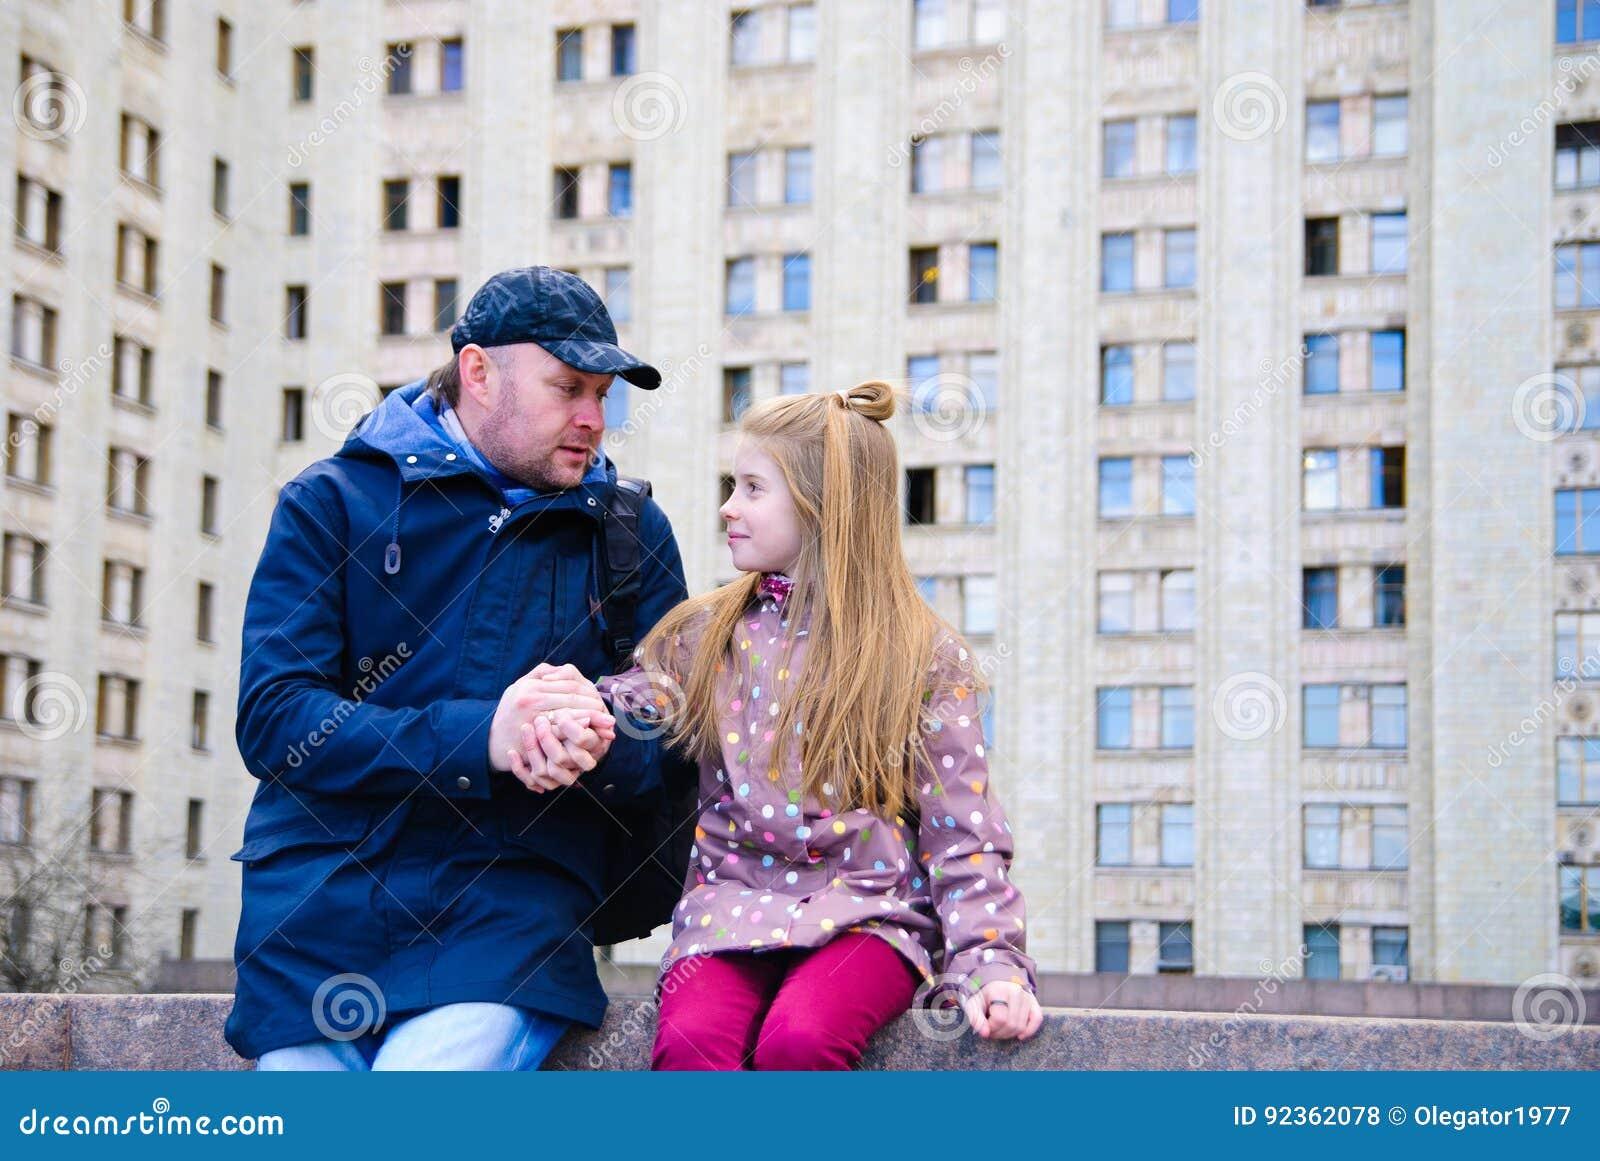 Vater SchläFt Mit Tochter